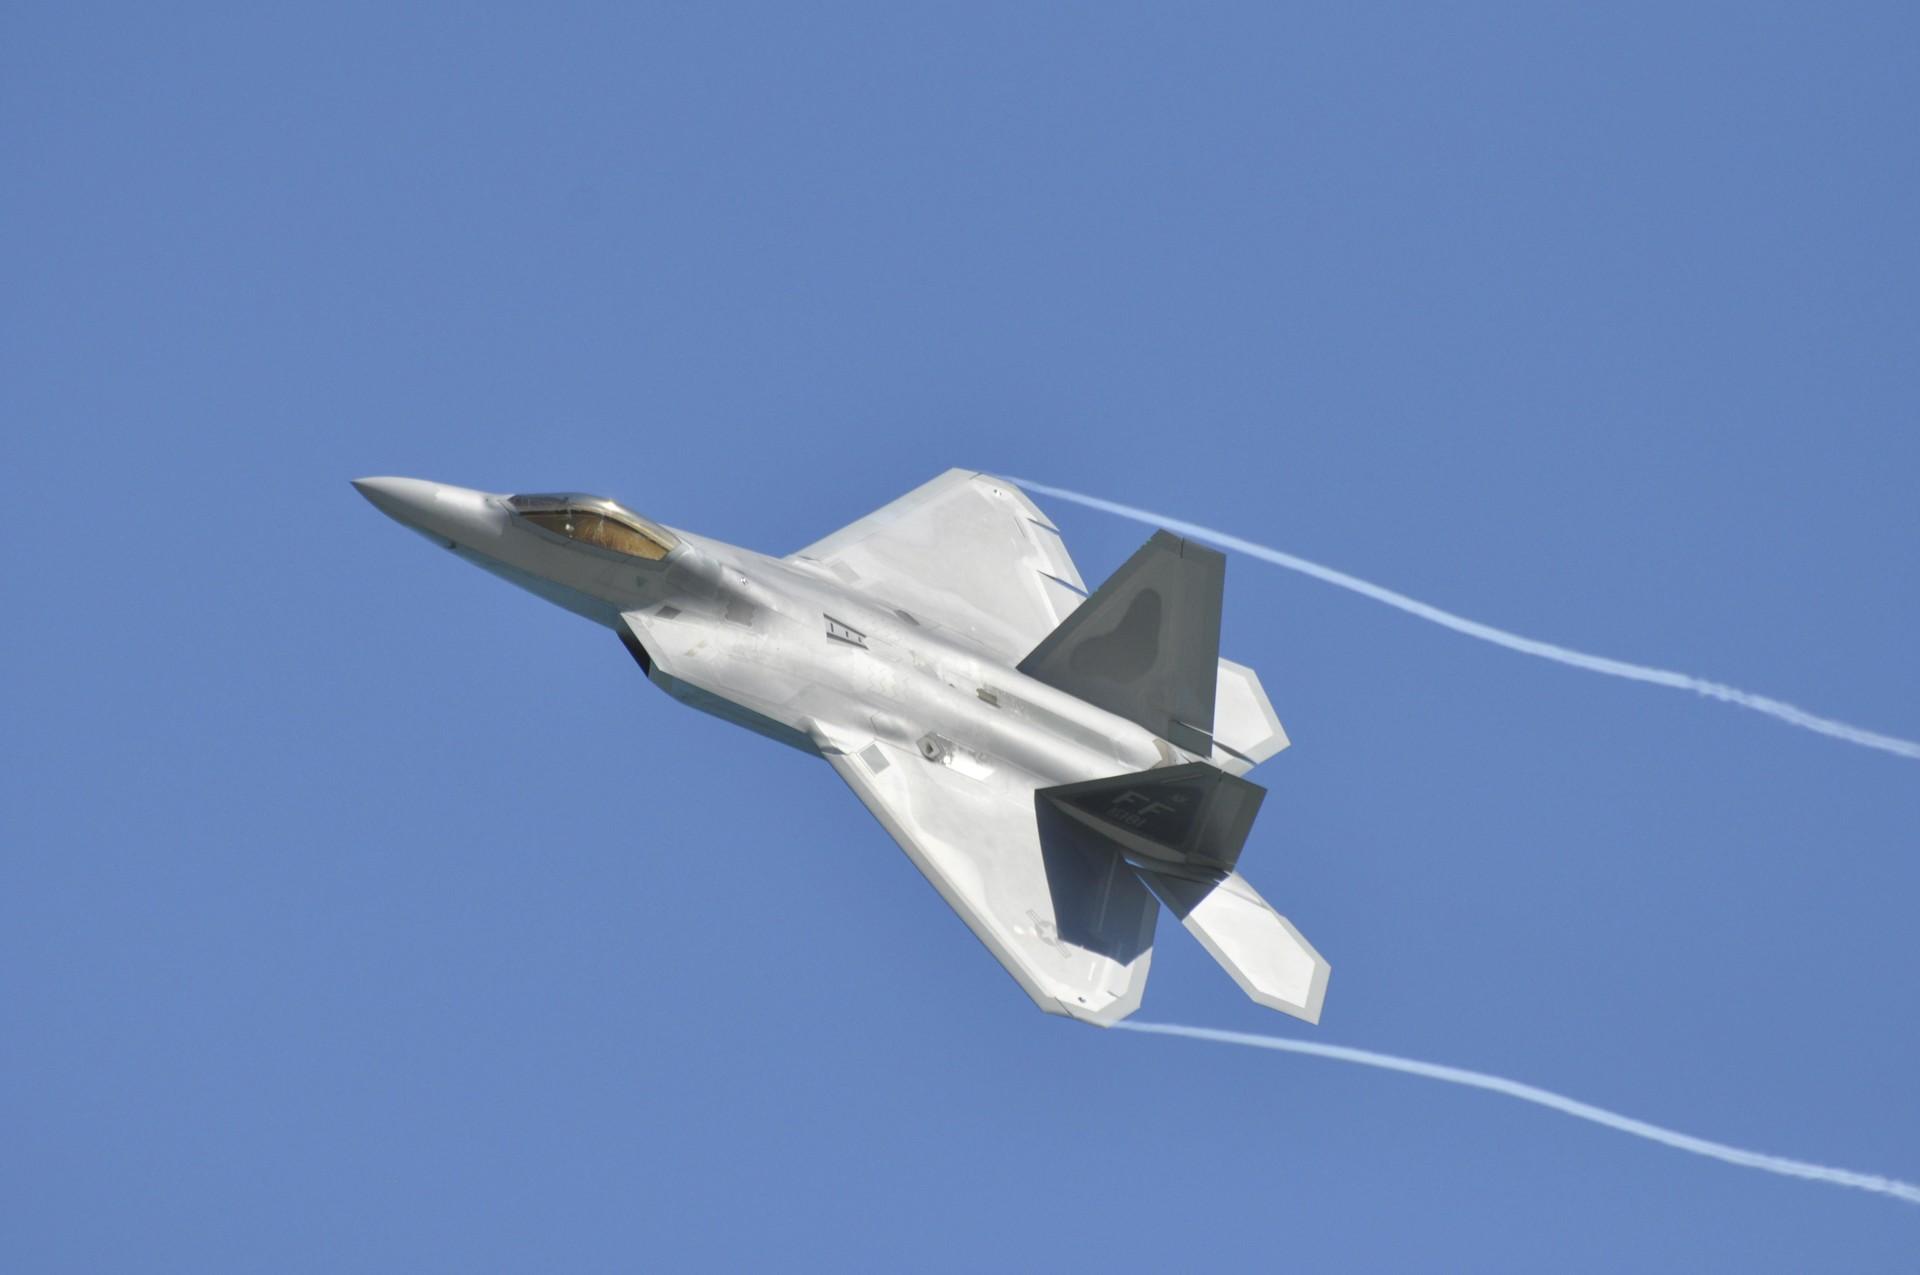 F-22 Raptor. Милвоки, Висконсин, САД.